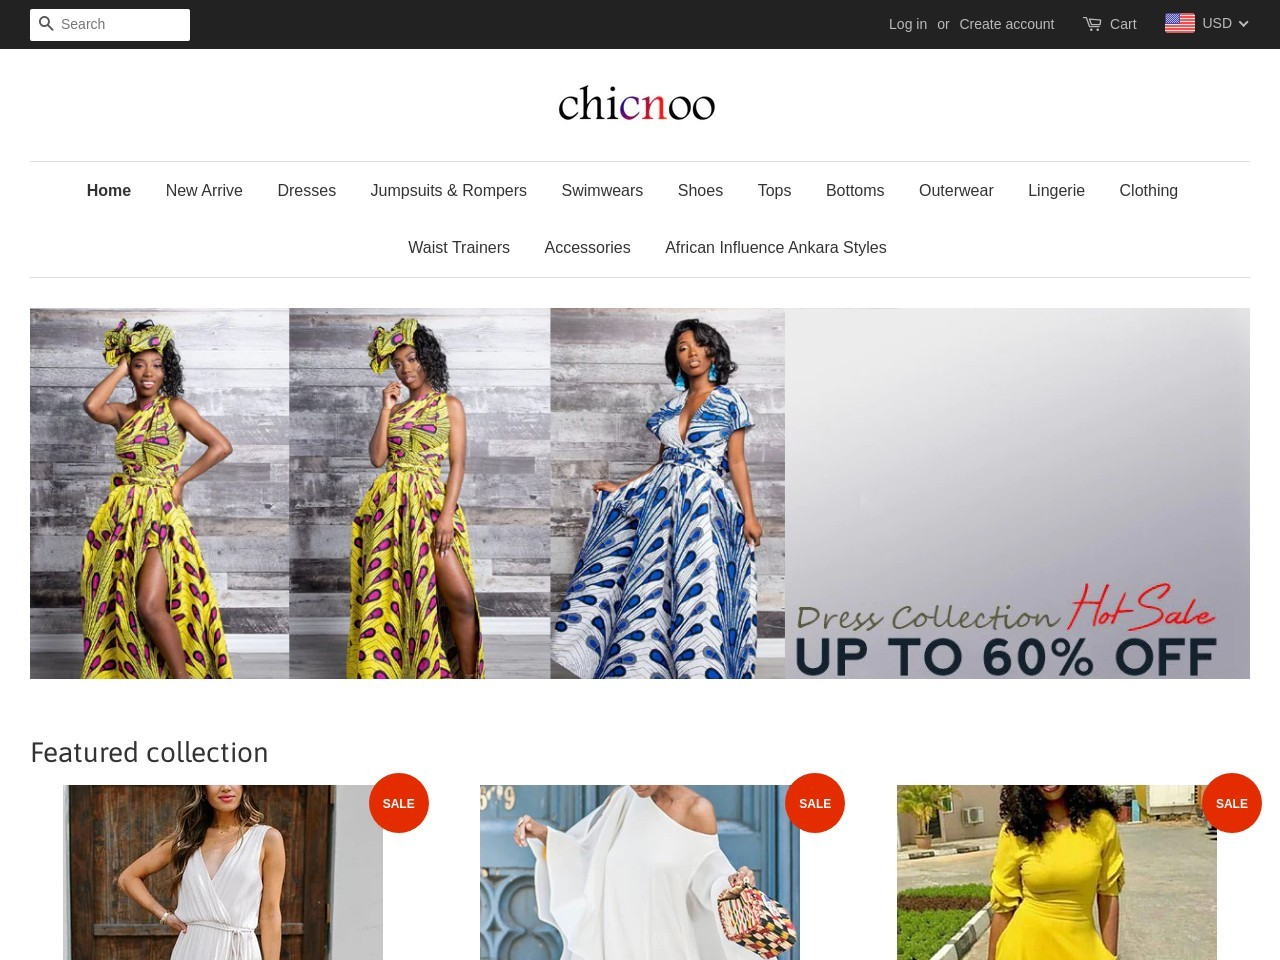 chicnoo.com